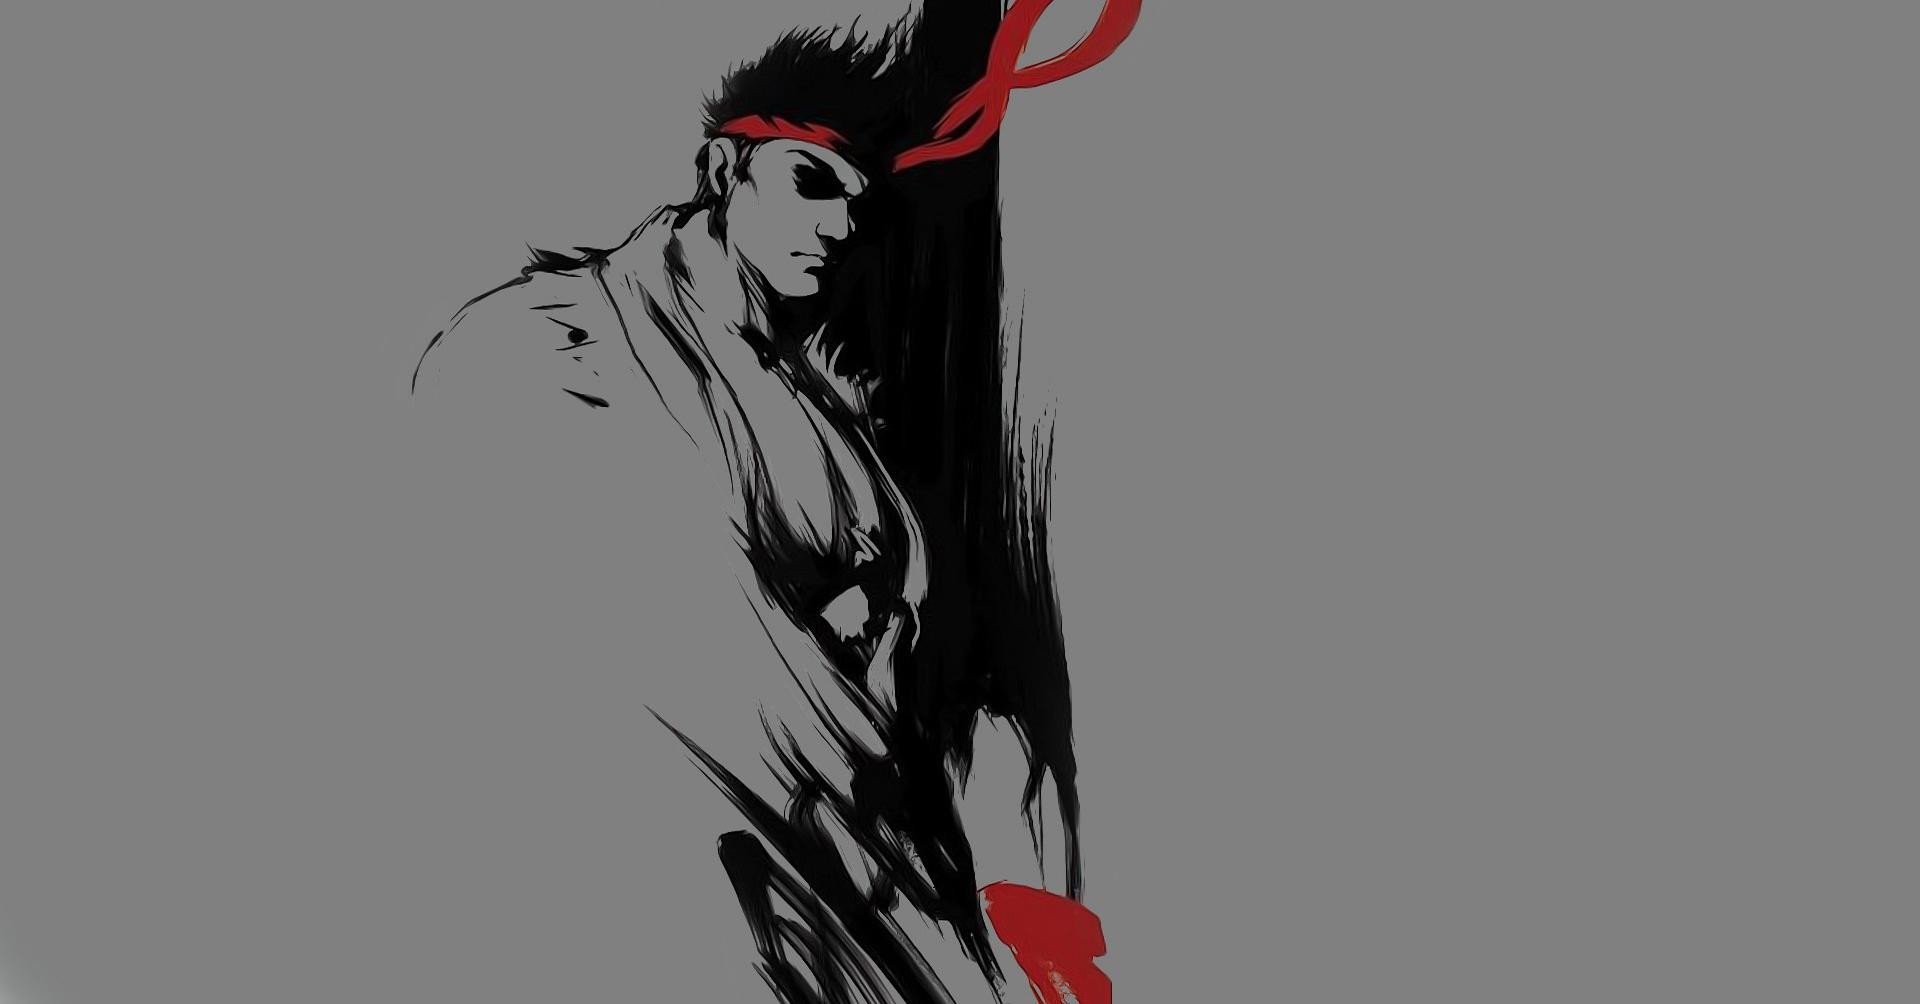 Sfondi desktop rosso nero